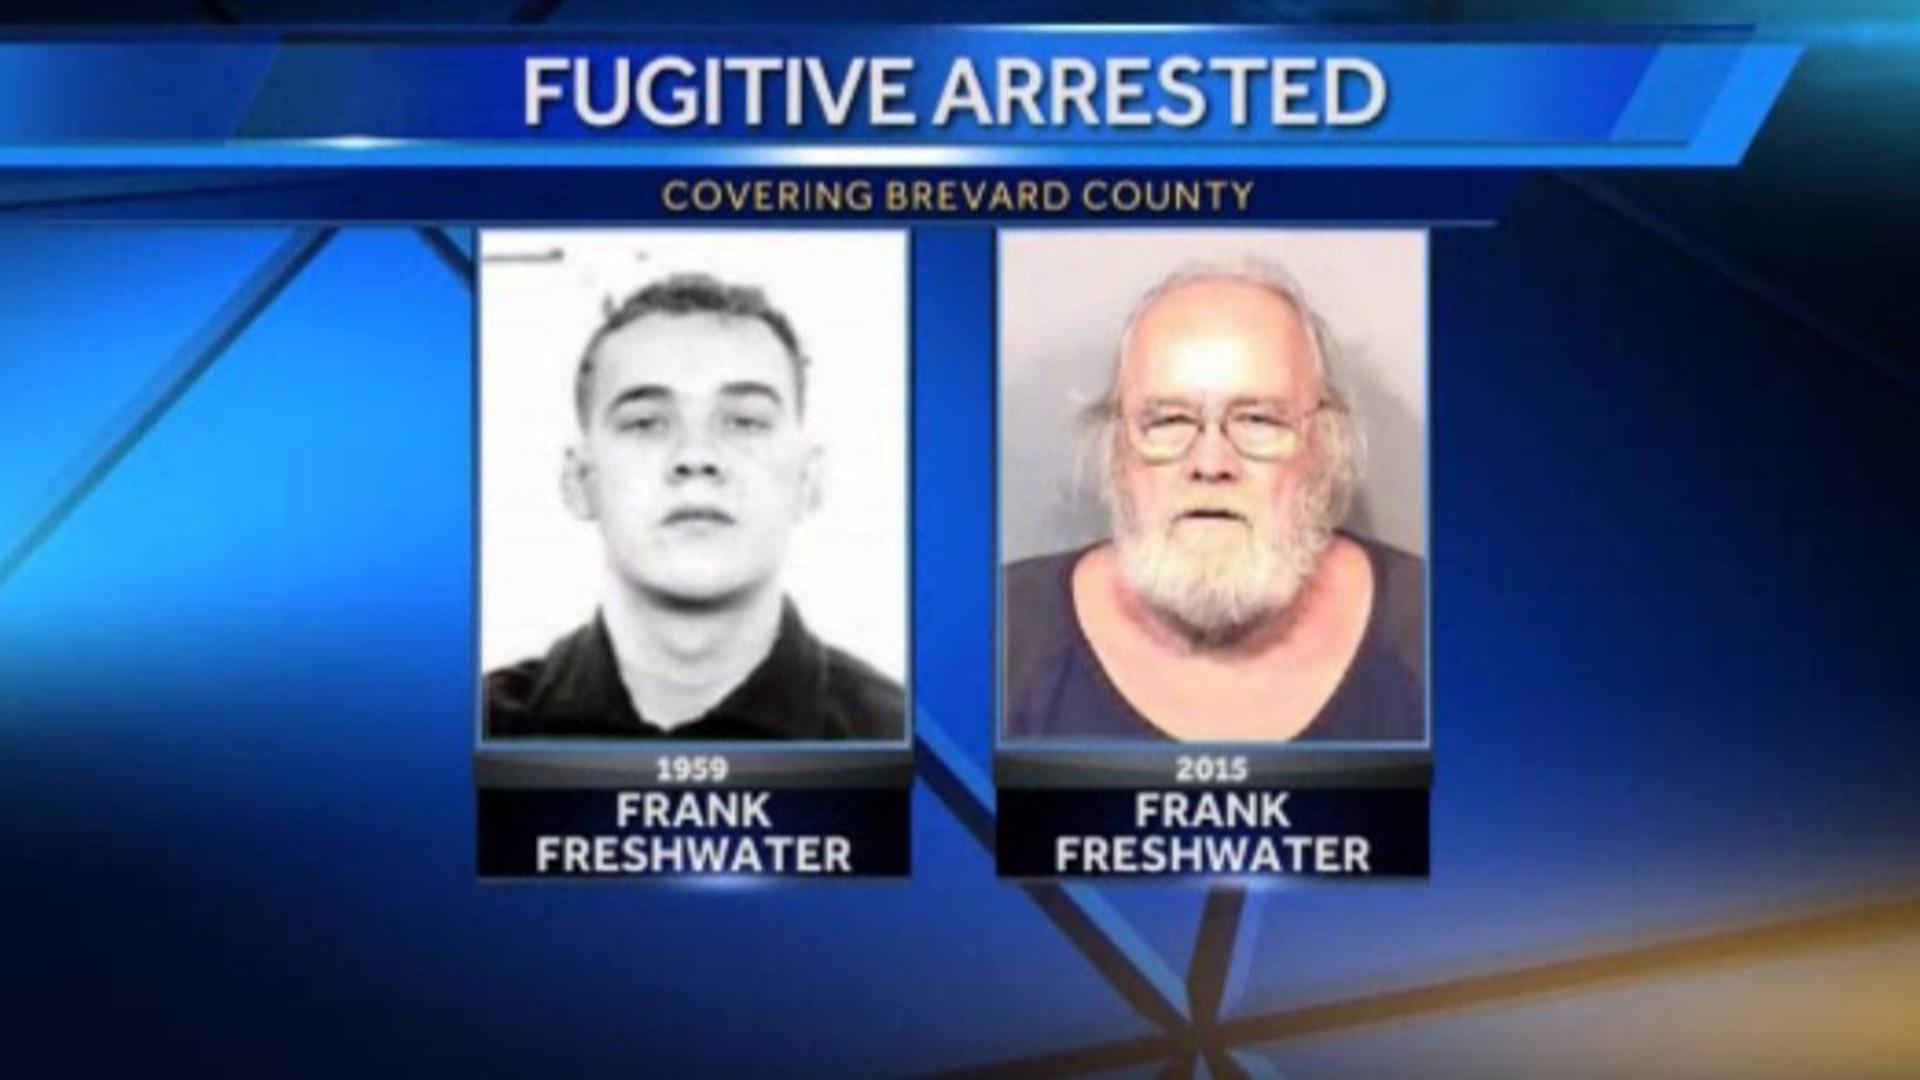 Ohio's 'Shawshank Fugitive' Frank Freshwaters Wins Parole